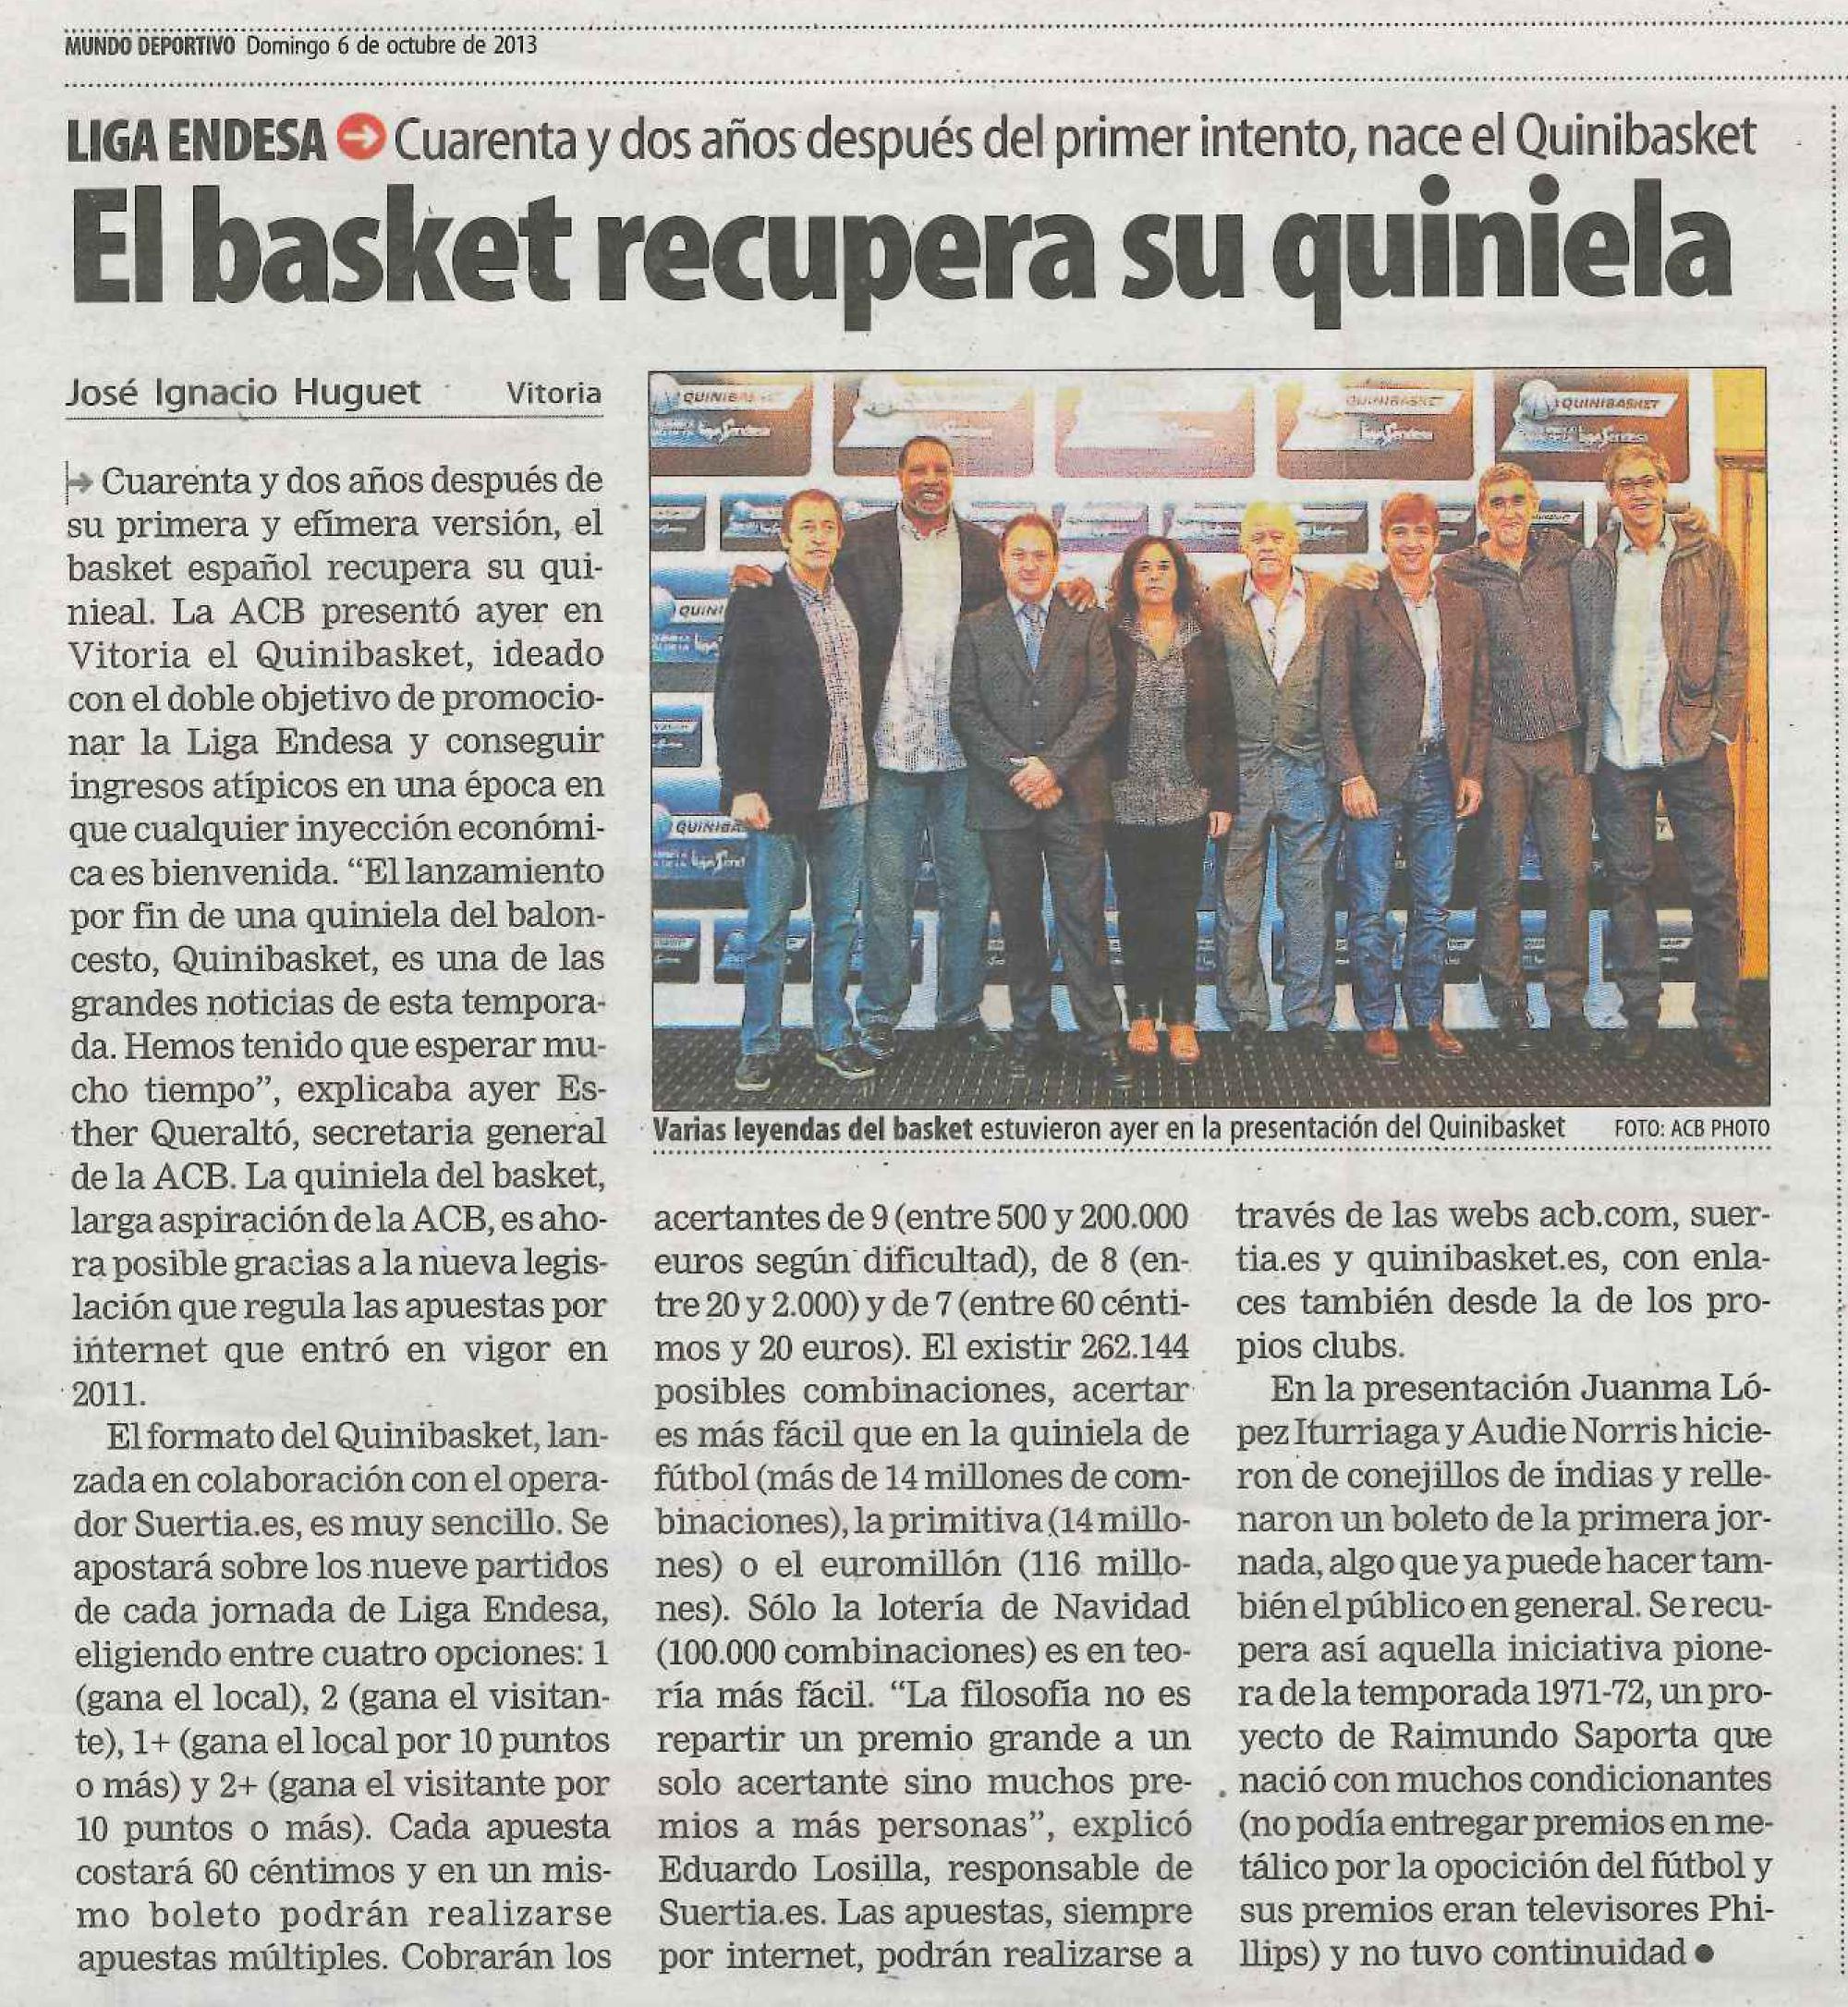 Quinibasket en el Mundo Deportivo